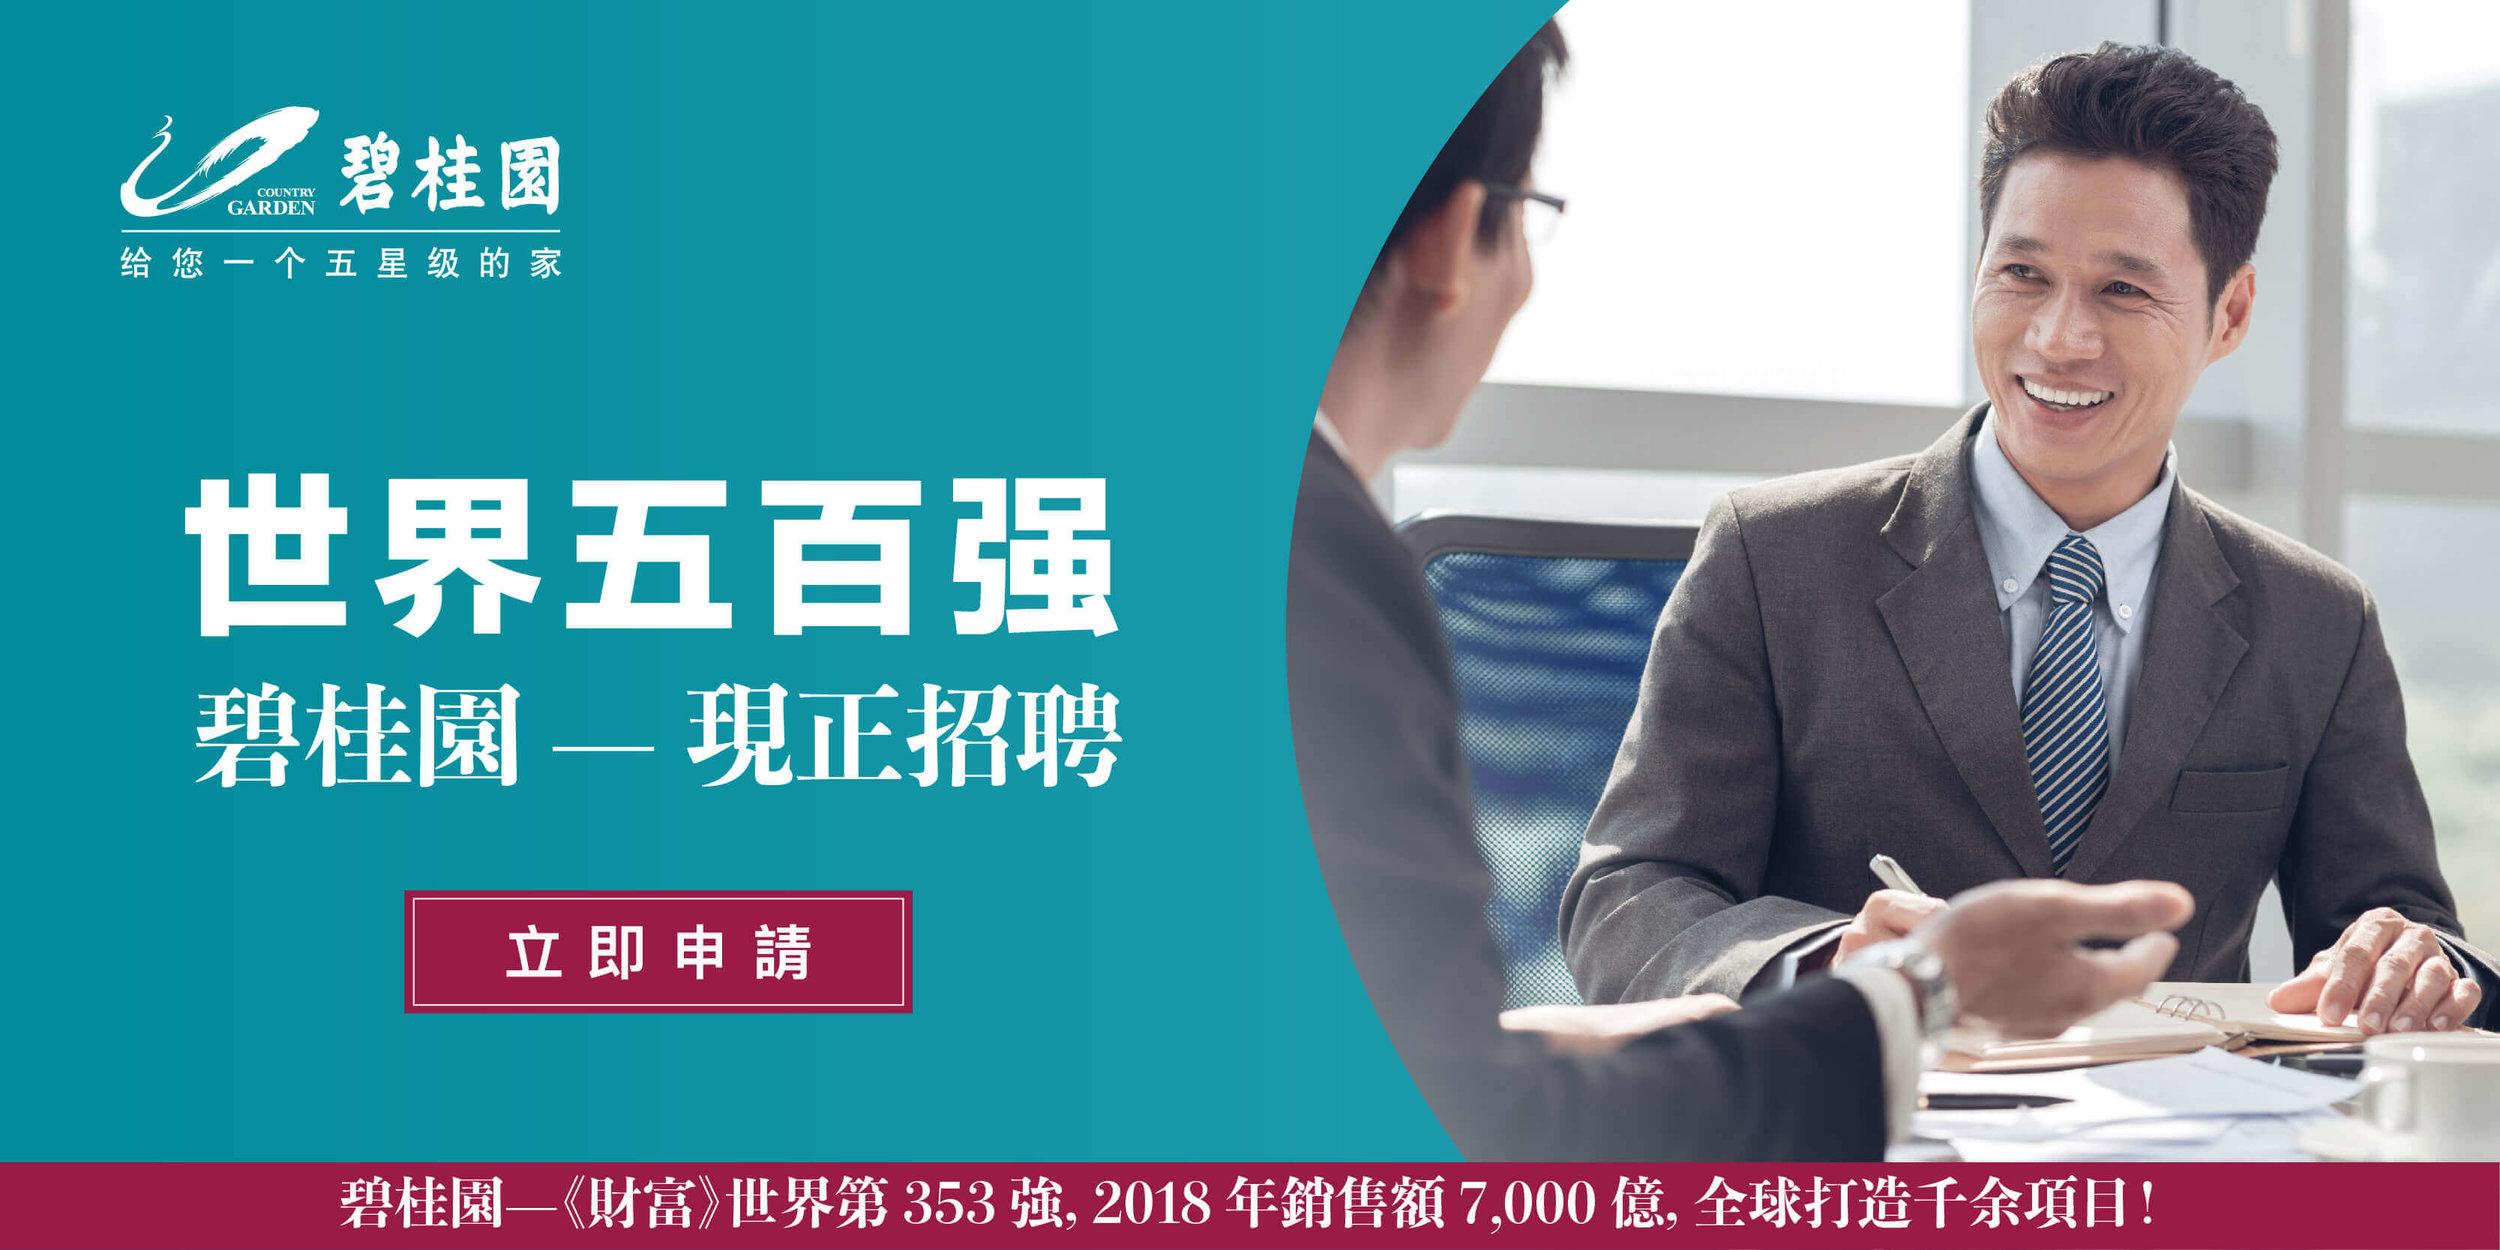 碧桂園 Top Banner jobscall.me 澳門招聘-01.jpg